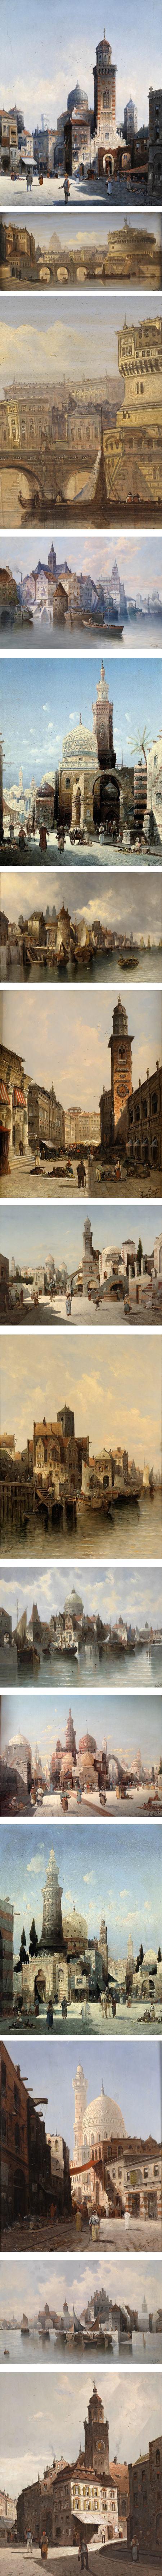 August von Siegen, 19th century cityscape